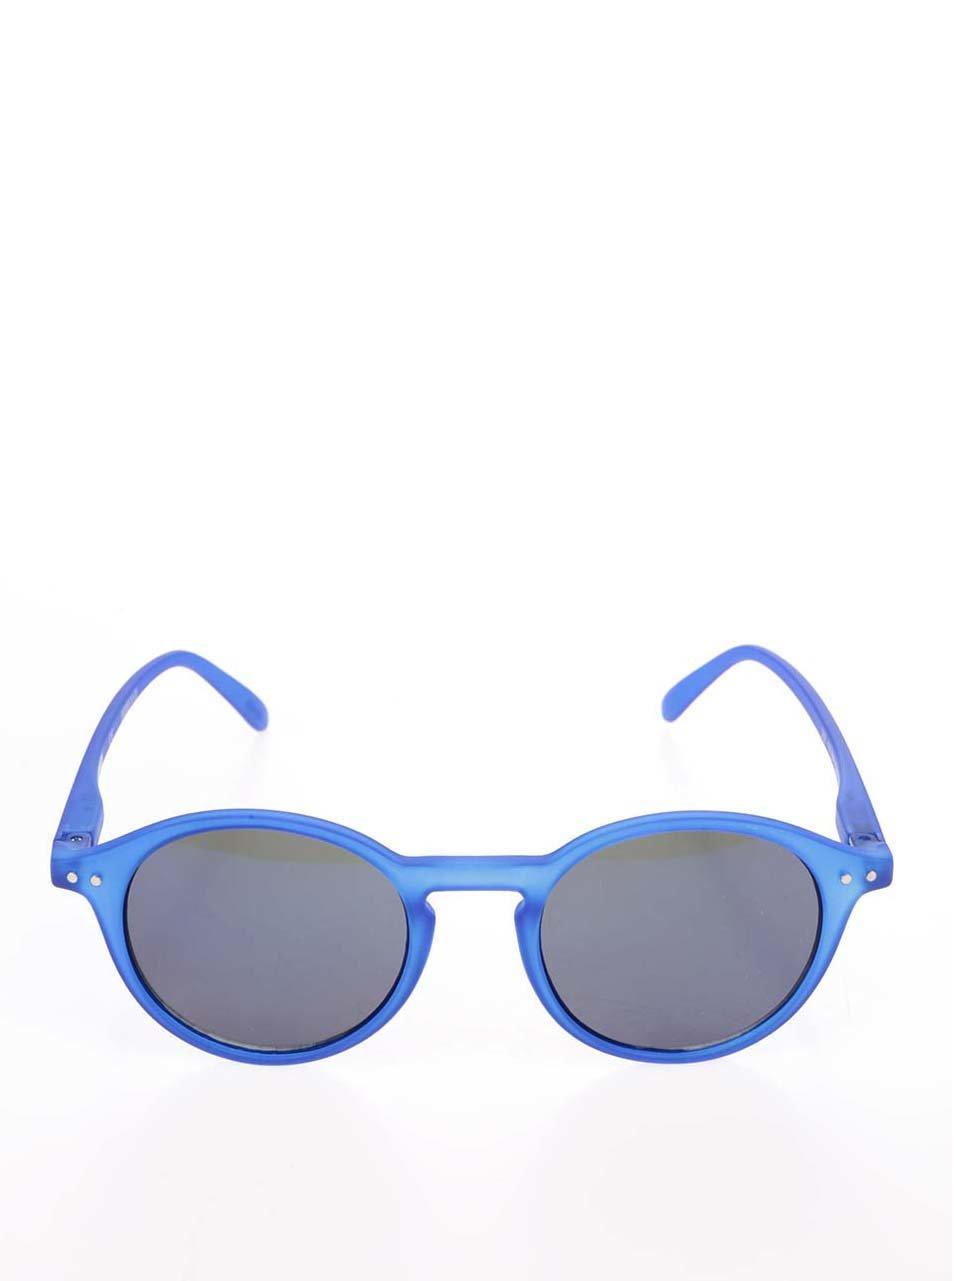 bc6473922 Modré unisex slnečné okuliare so zrkadlovými modrými sklami IZIPIZI #D ...